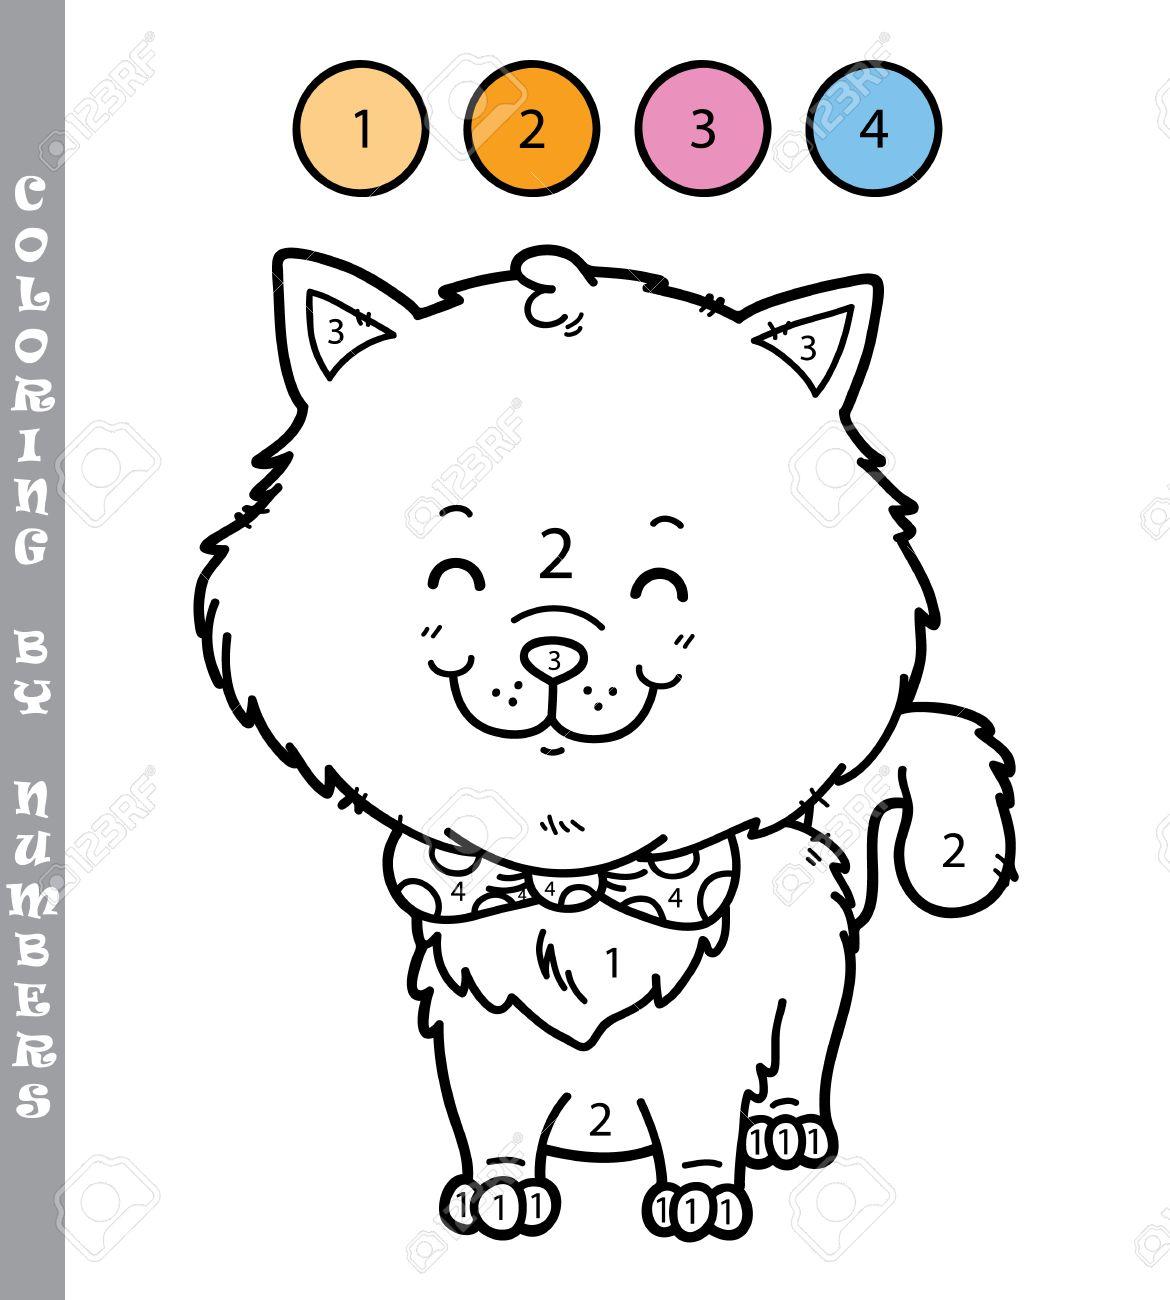 Ilustración Vectorial Para Colorear Por Números Juego Educativo Con Gato De Dibujos Animados Para Niños